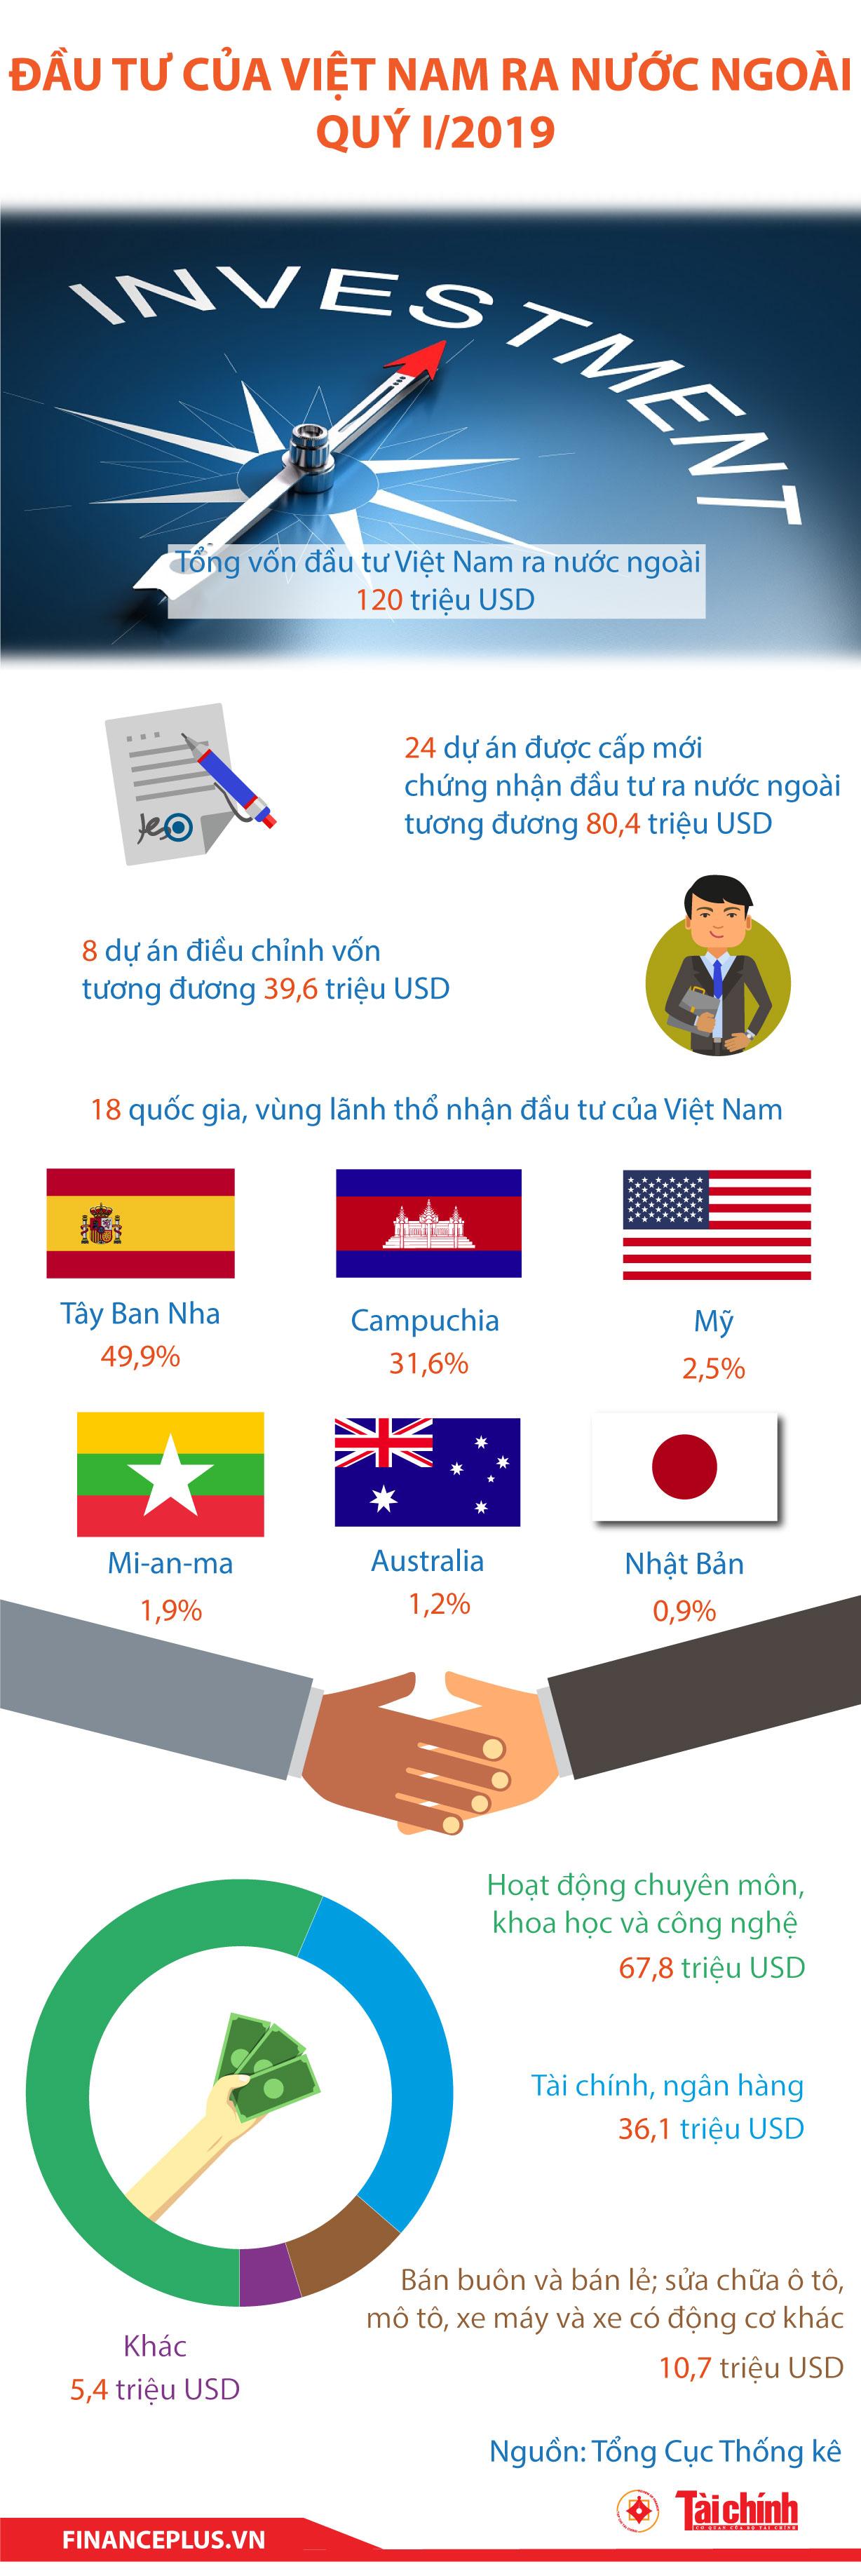 [Infographic] Đầu tư của Việt Nam ra nước ngoài quý I/2019 - Ảnh 1